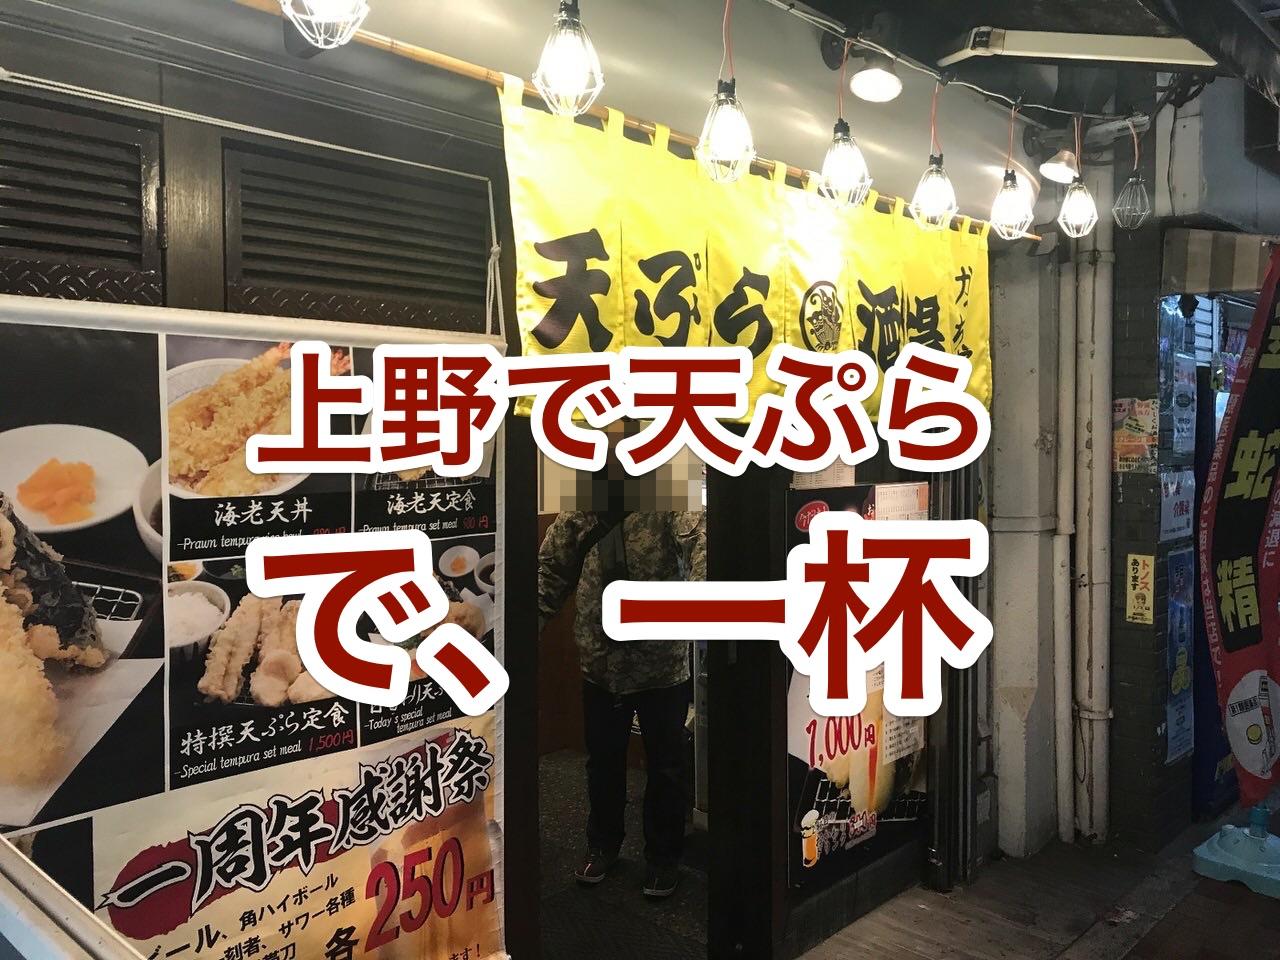 「天ぷら酒場 かっちゃん」1,000円のほろ酔いセットも良いが定食も良い